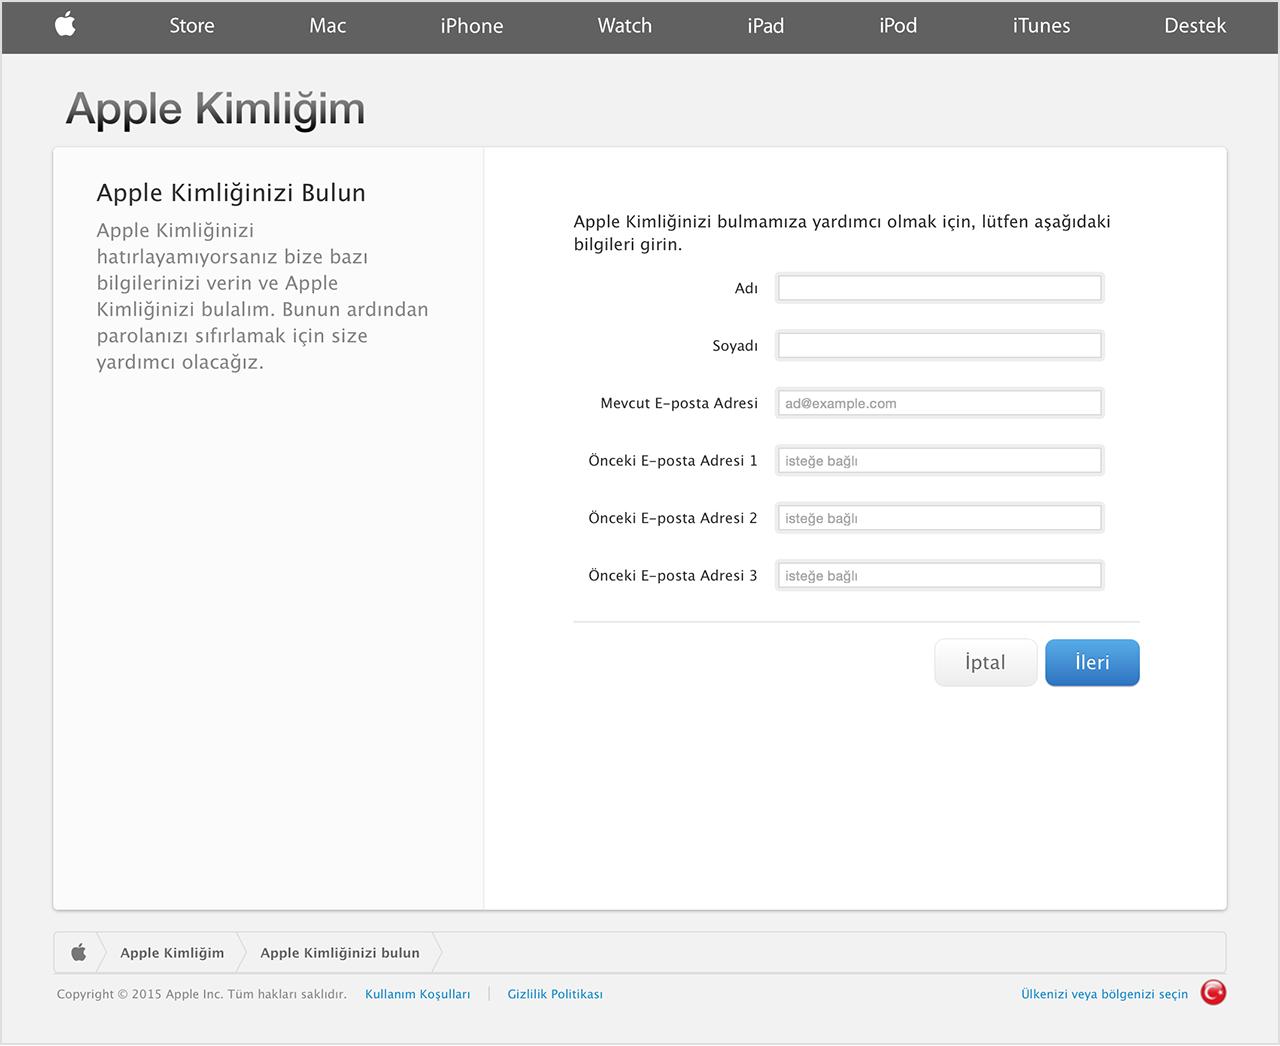 Find My iPhone(iPhone'umu Bul) Nasıl Kullanılır? - iPhone iStanbul Özel Teknik Servis